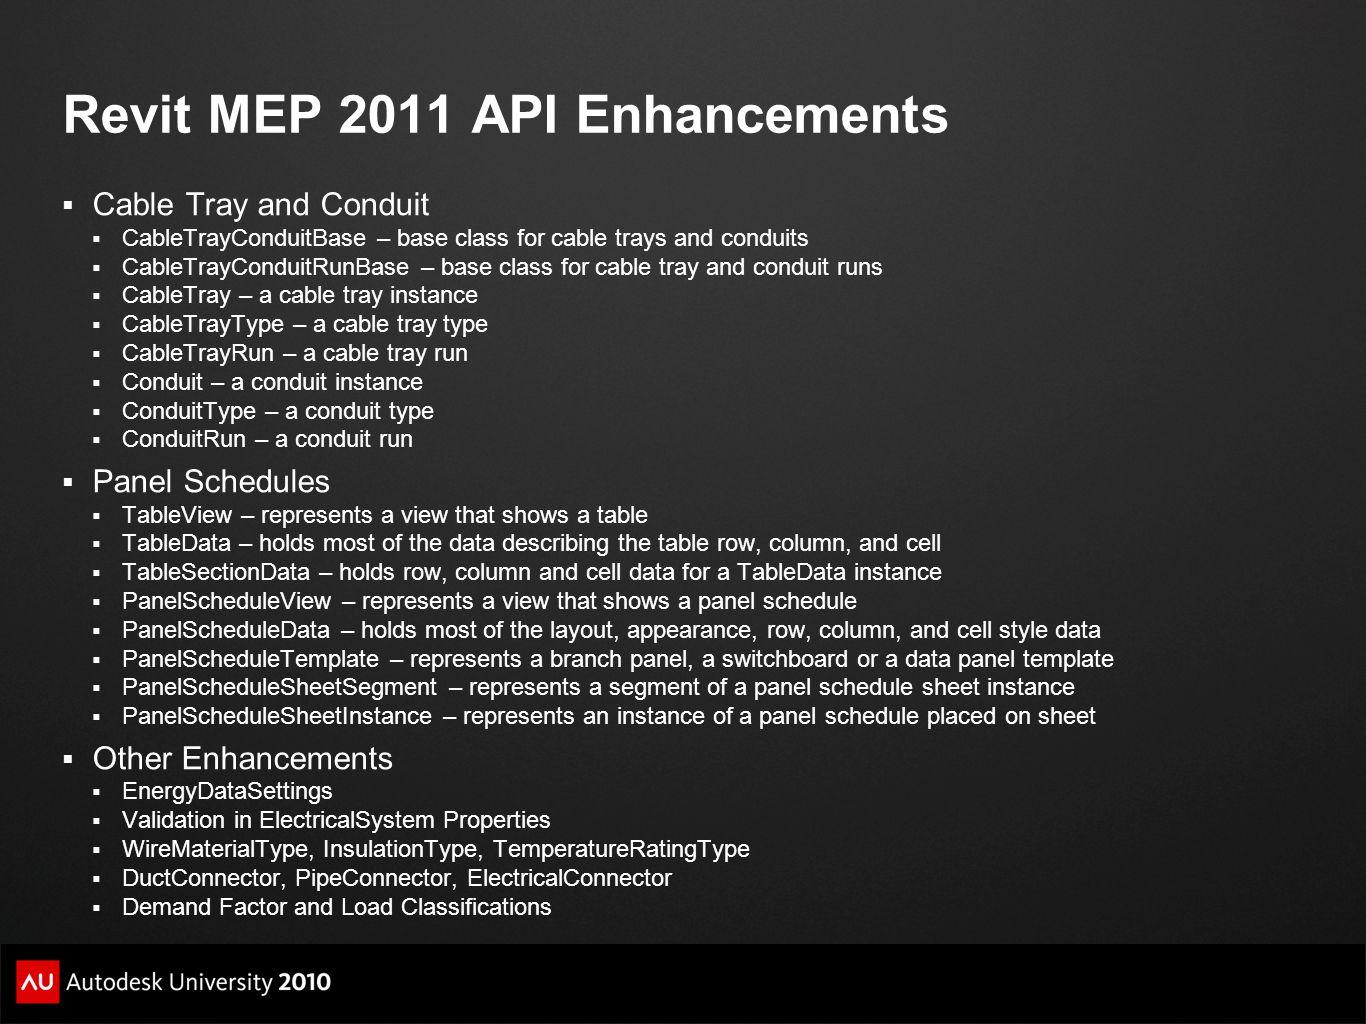 Revit MEP 2011 API Enhancements